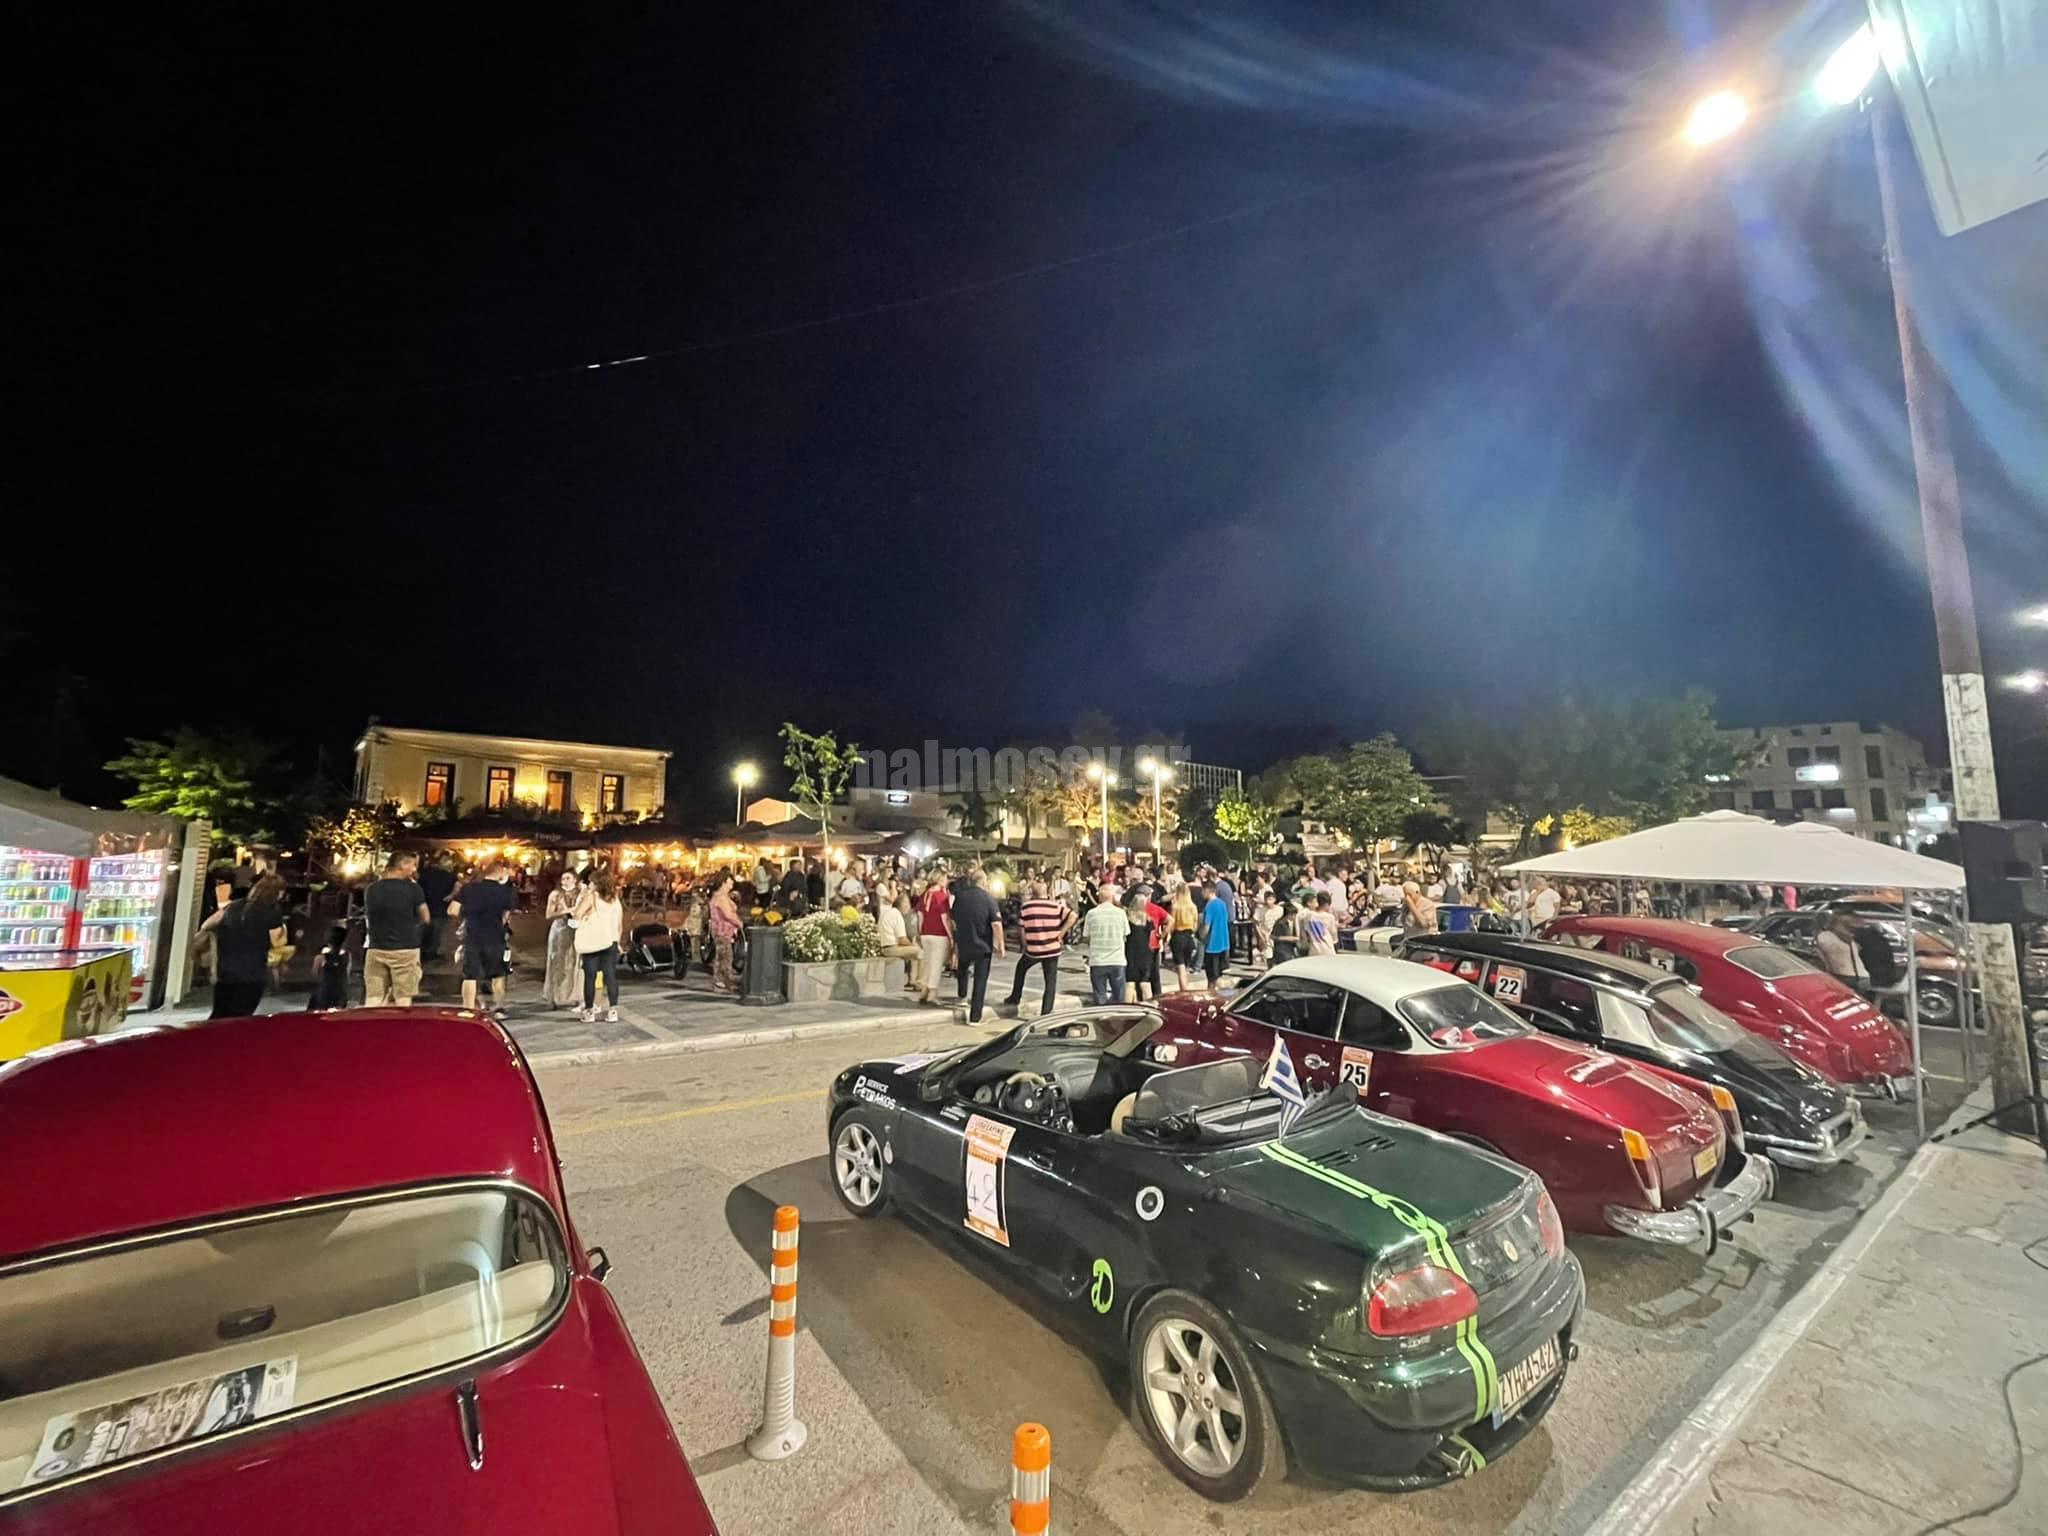 Η Λέσχη Κλασικού Αυτοκινήτου Μακεδονίας στην πλατεία Ιστιαίας